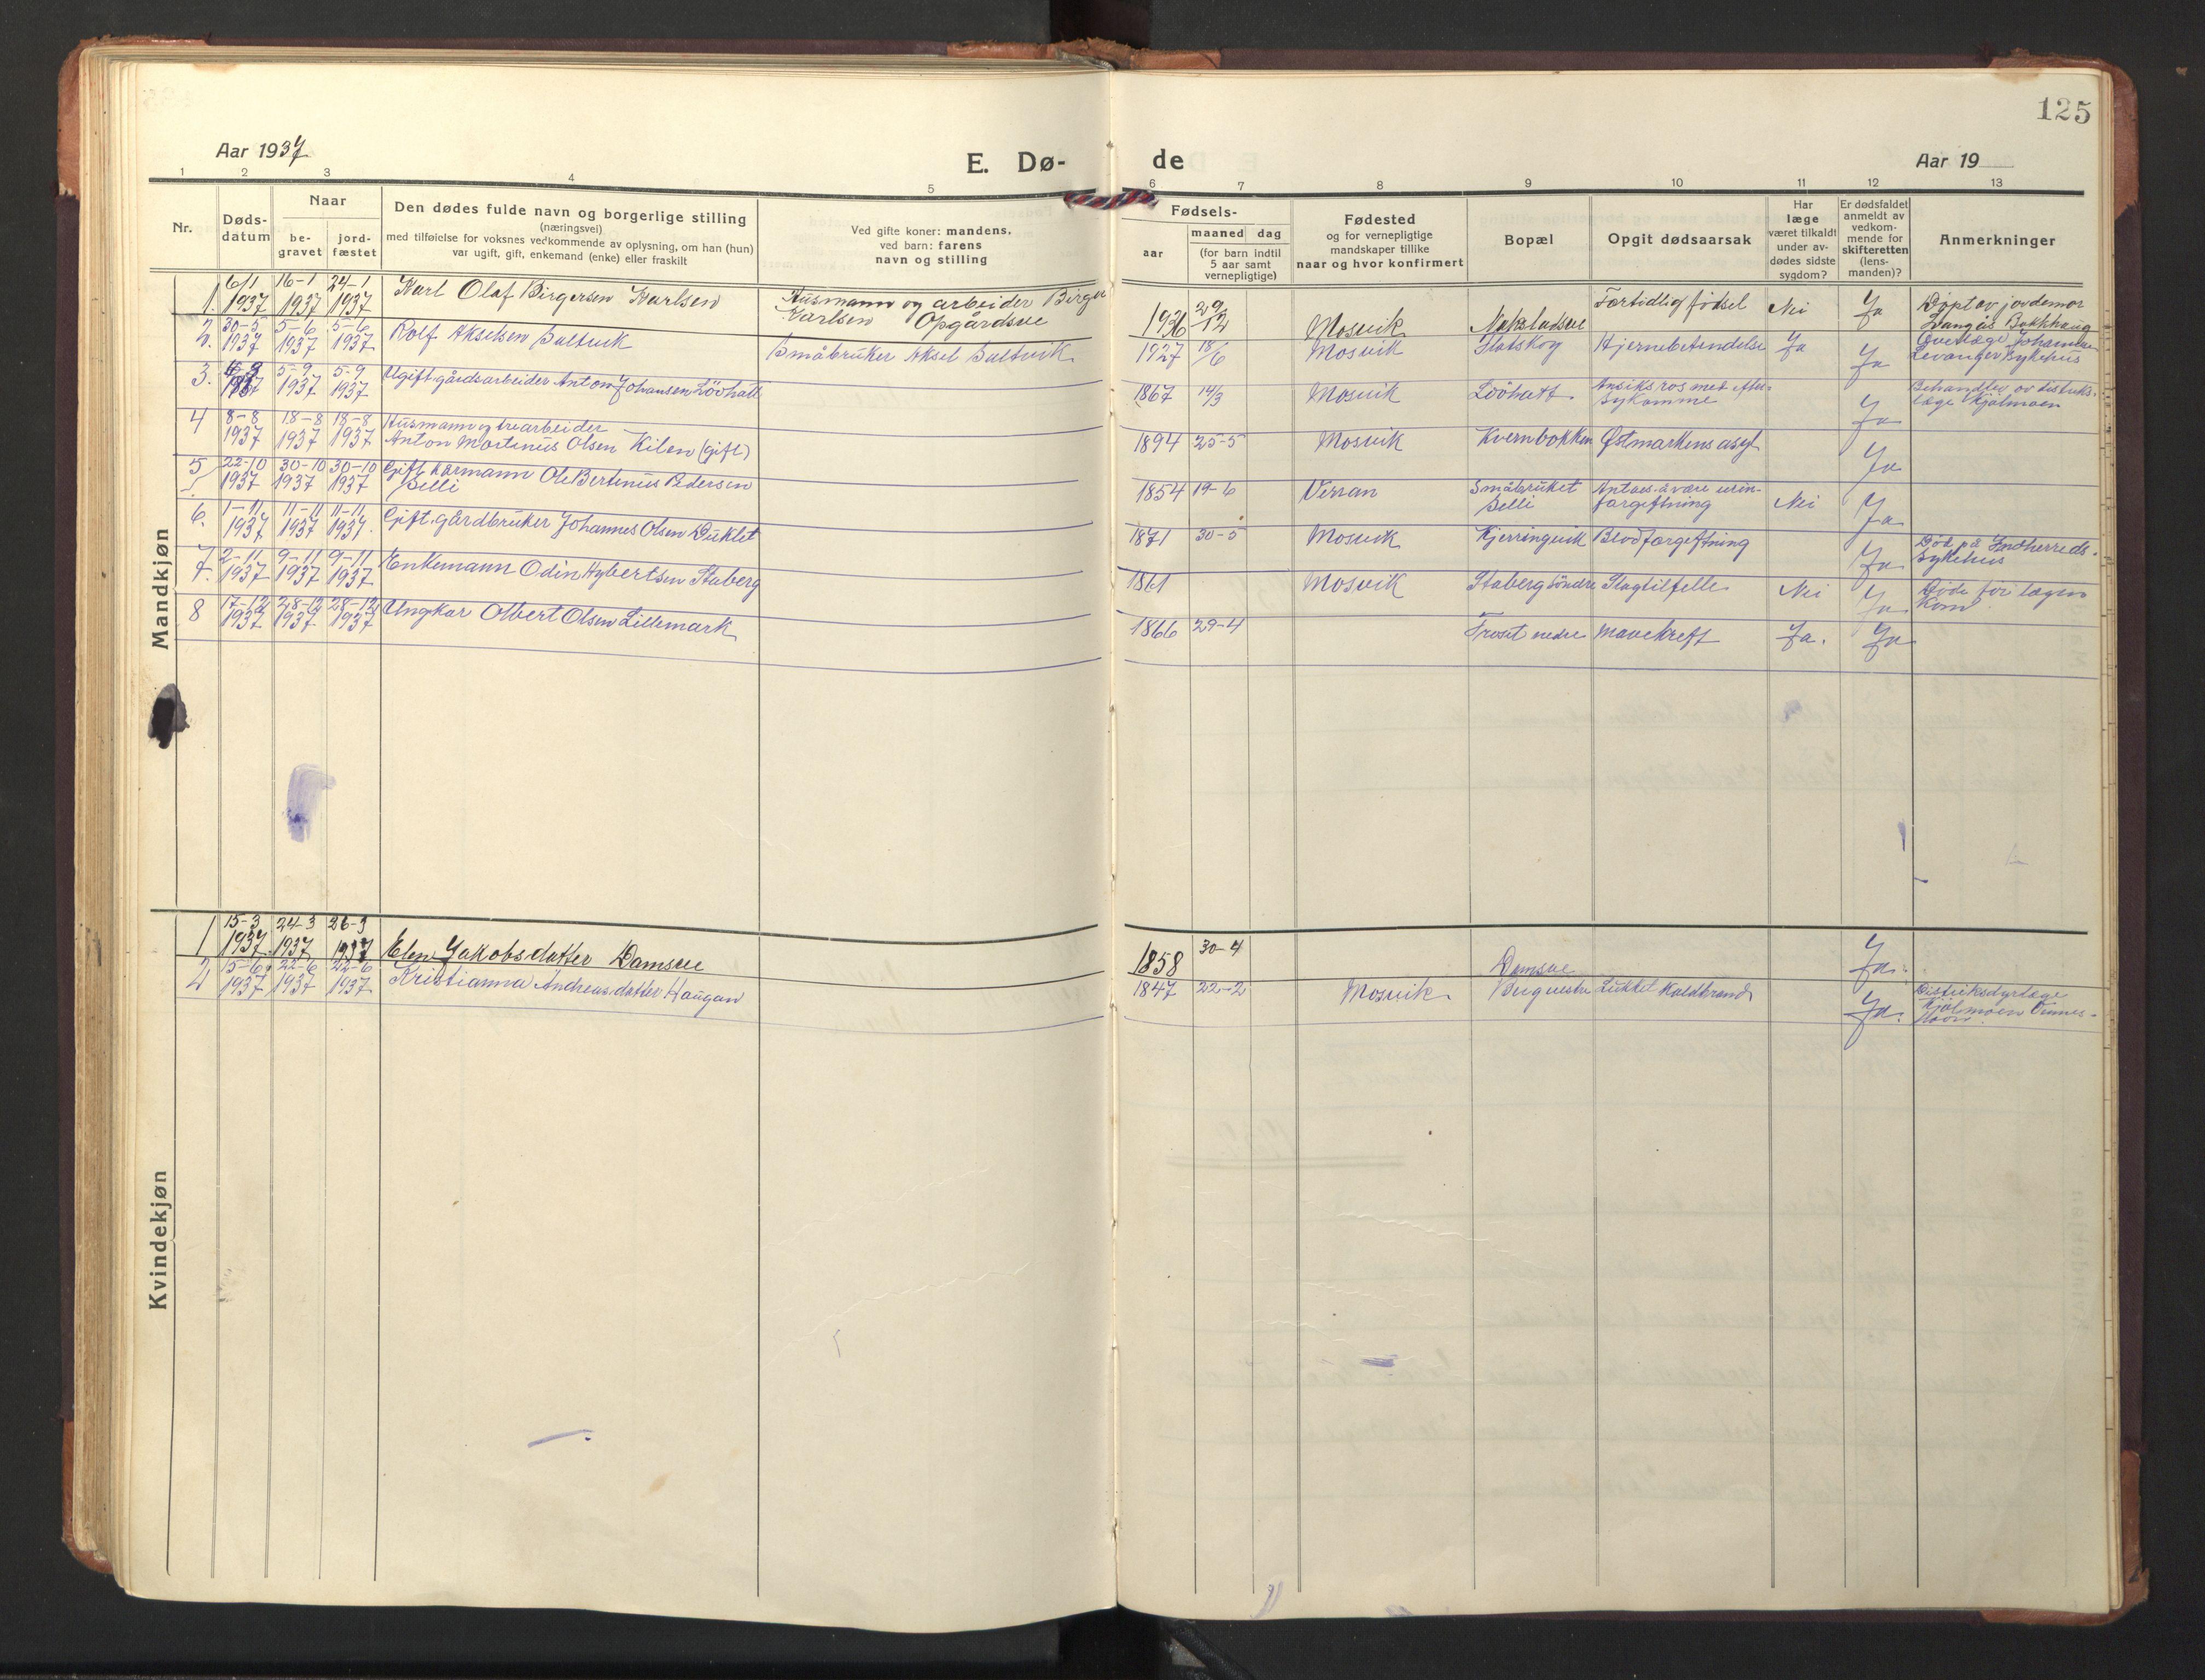 SAT, Ministerialprotokoller, klokkerbøker og fødselsregistre - Nord-Trøndelag, 733/L0328: Klokkerbok nr. 733C03, 1919-1966, s. 125